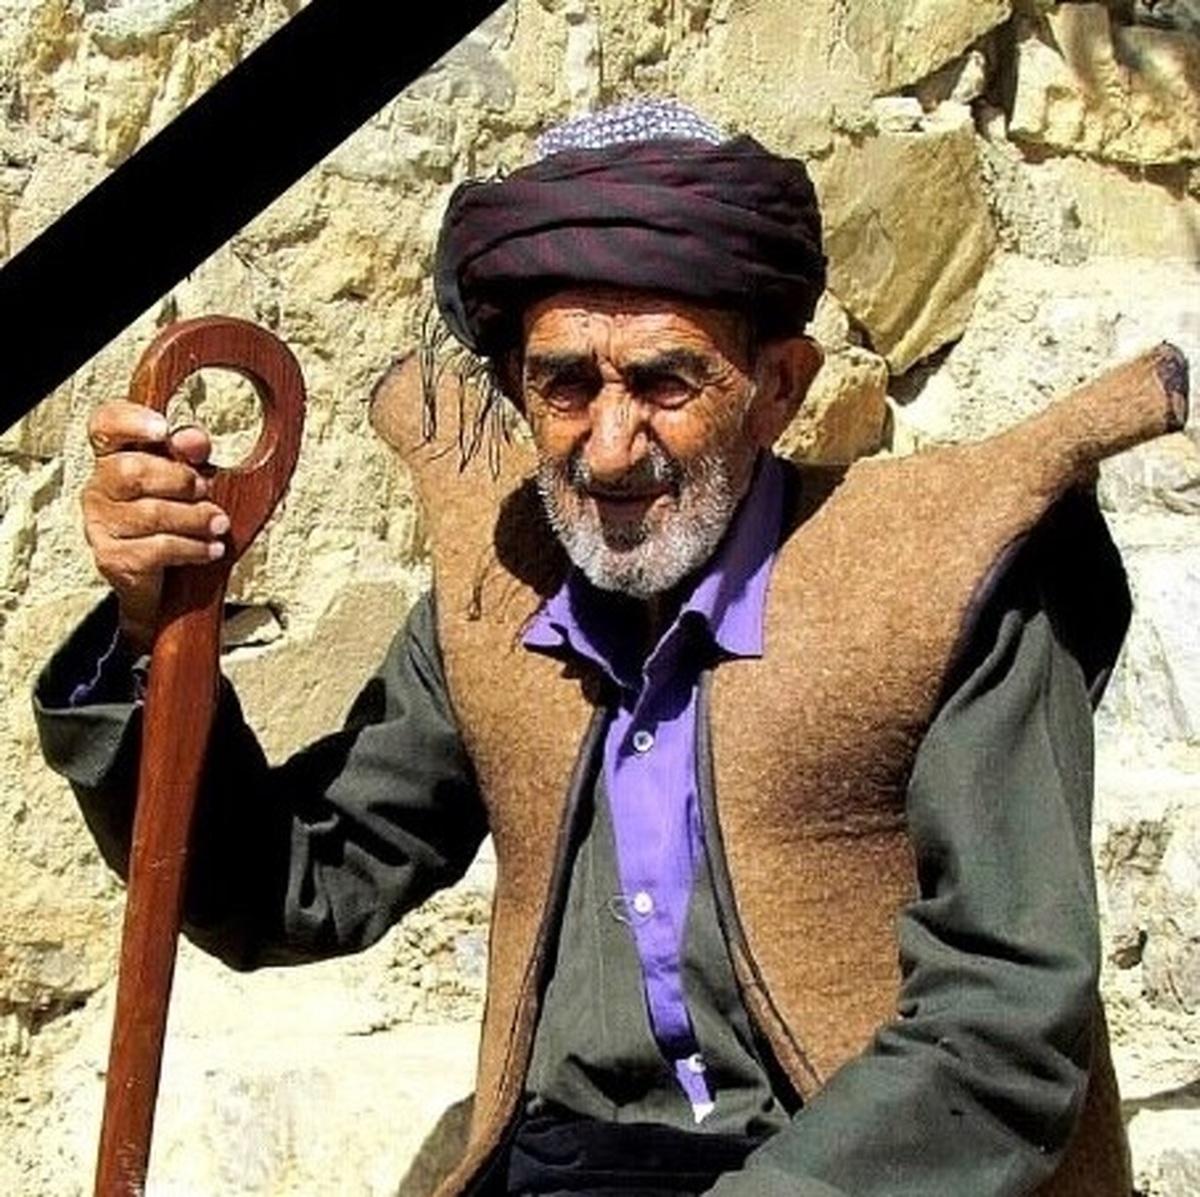 عارف غلامی، اولین گنجینه زنده بشری حوزه شالبافی کردستان درگذشت